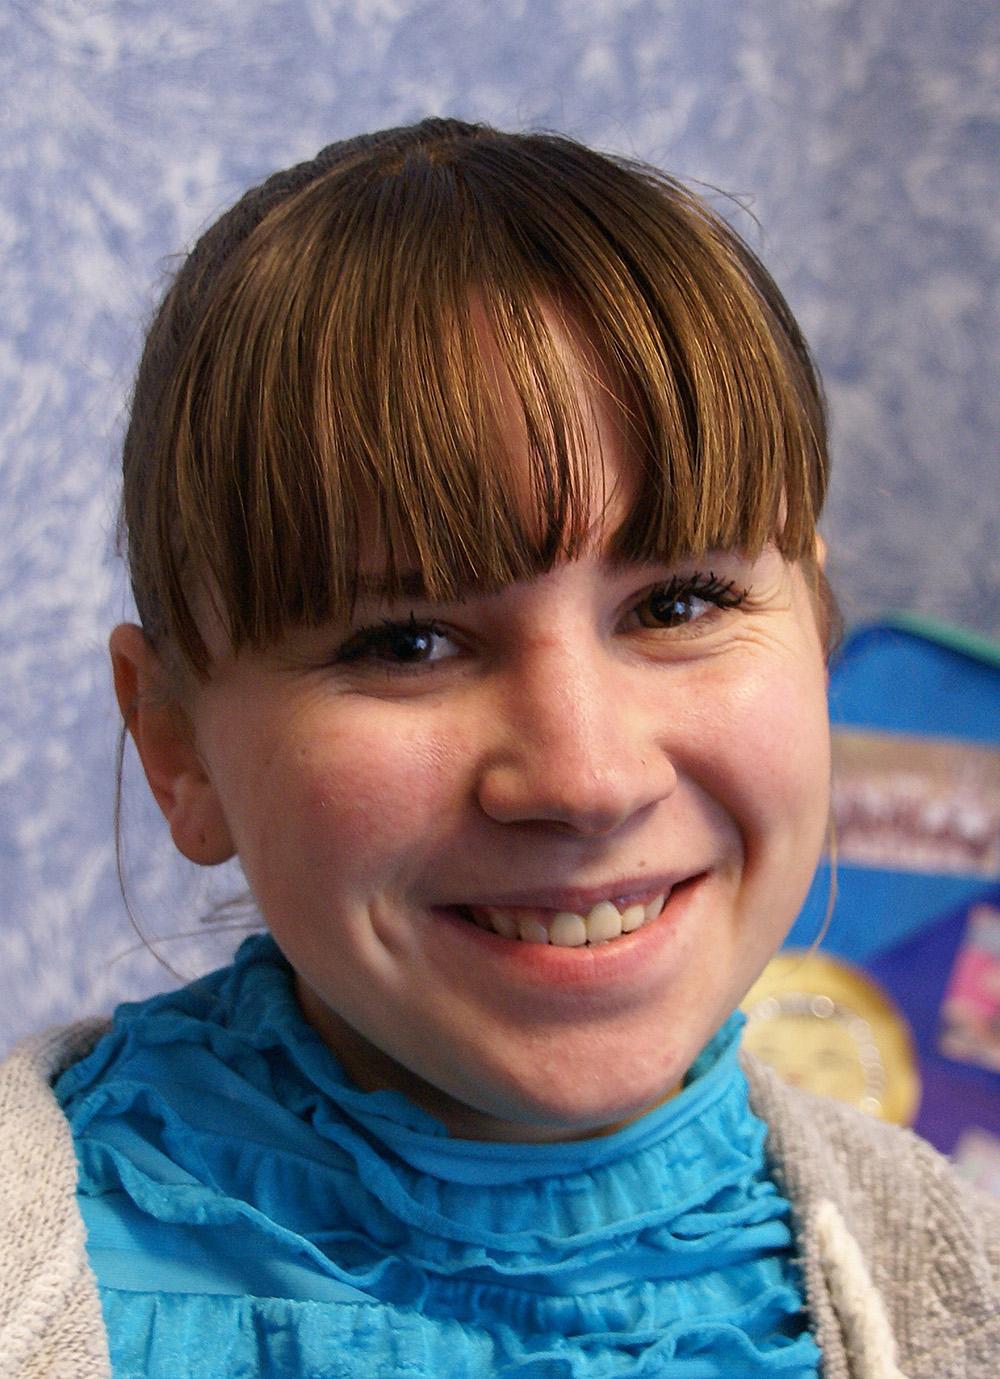 Julia Krynychna kann wieder entspannt lachen, die Zahnlücke geschlossen.